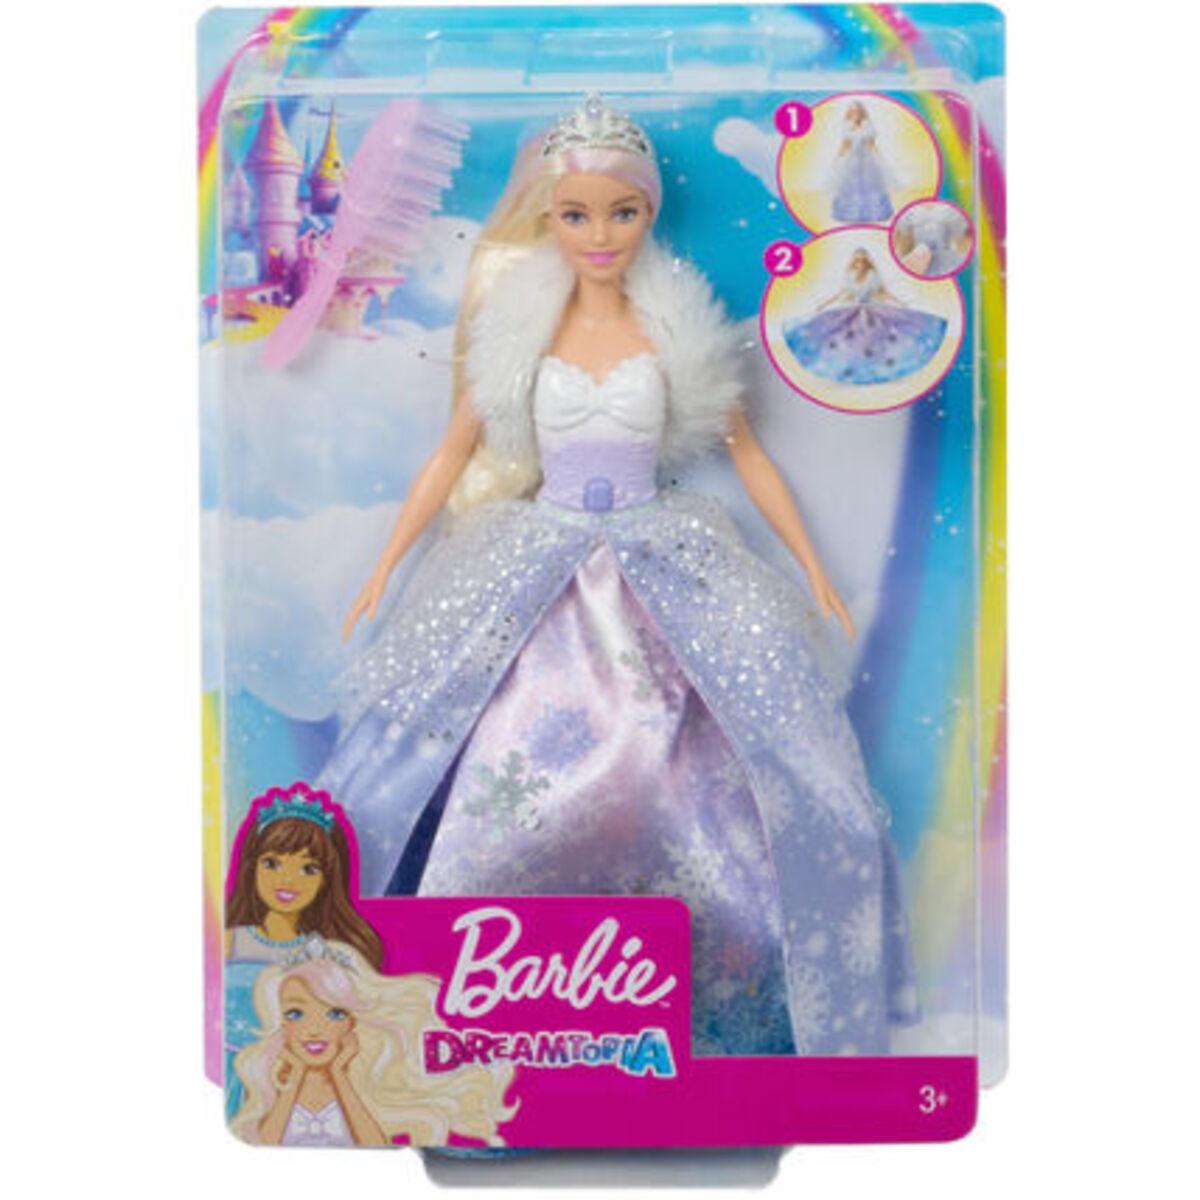 Bild 2 von Barbie Dreamtopia Fashion-Prinzessinnen-Puppe, ca. 30cm groß, blond mit pink gesträhnter Haarpartie